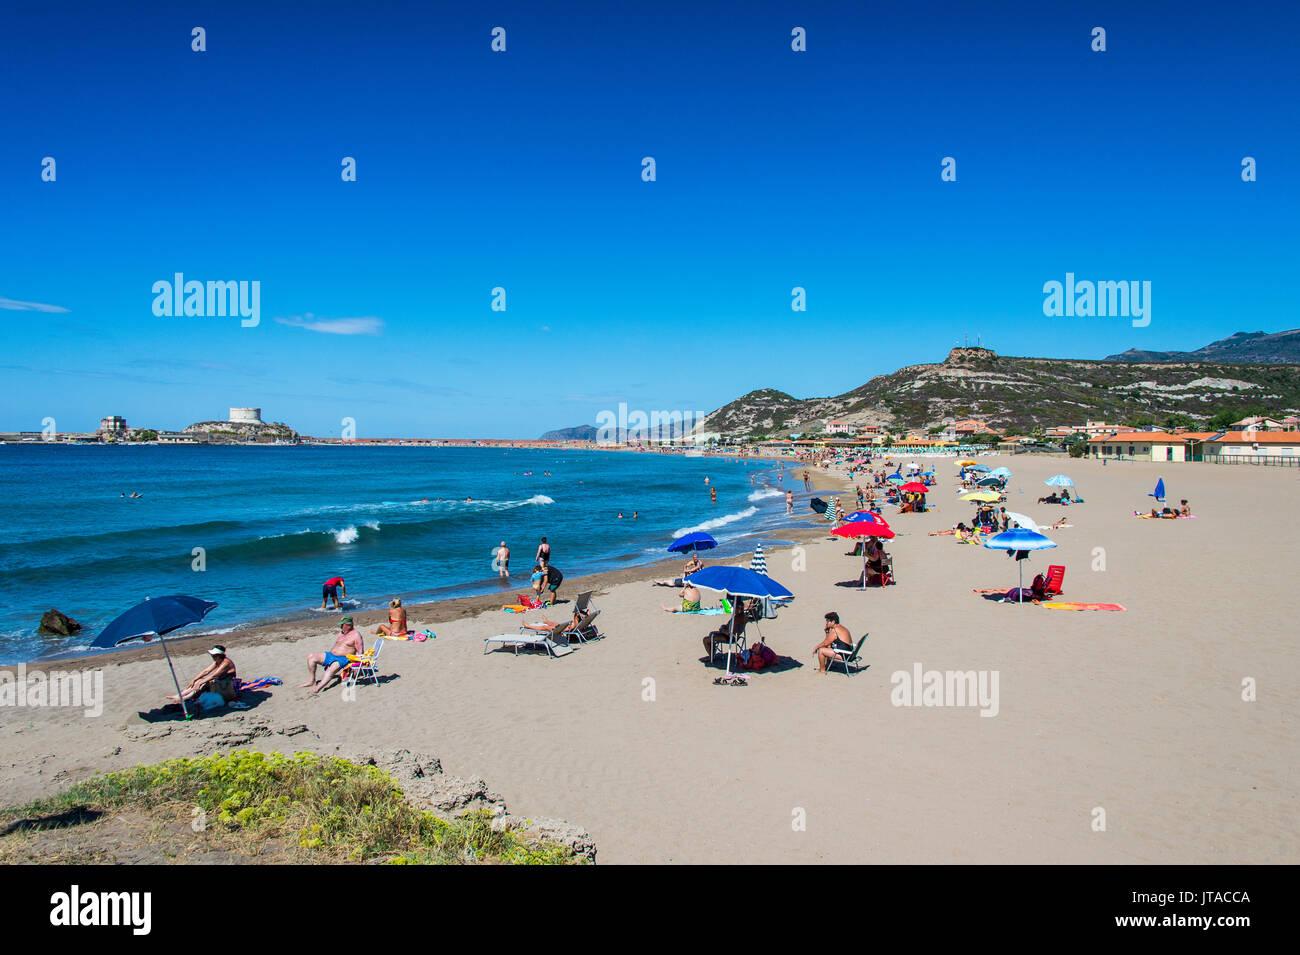 Playa de La Caleta, en la costa oriental de Cerdeña, Italia, Mediterráneo, Europa Imagen De Stock